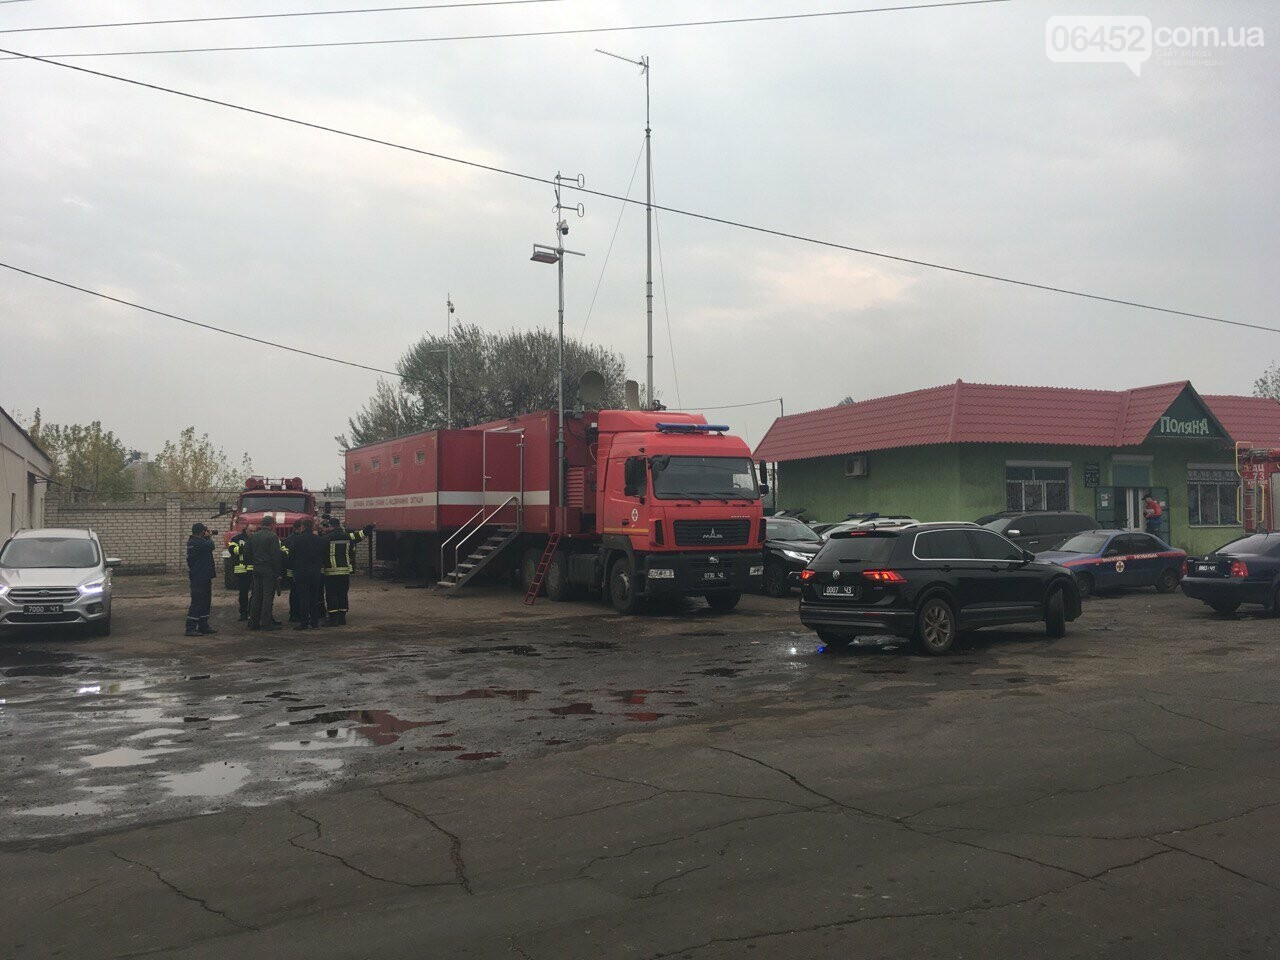 К тушению пожаров под Северодонецком подключена авиация (фото, видео), фото-8